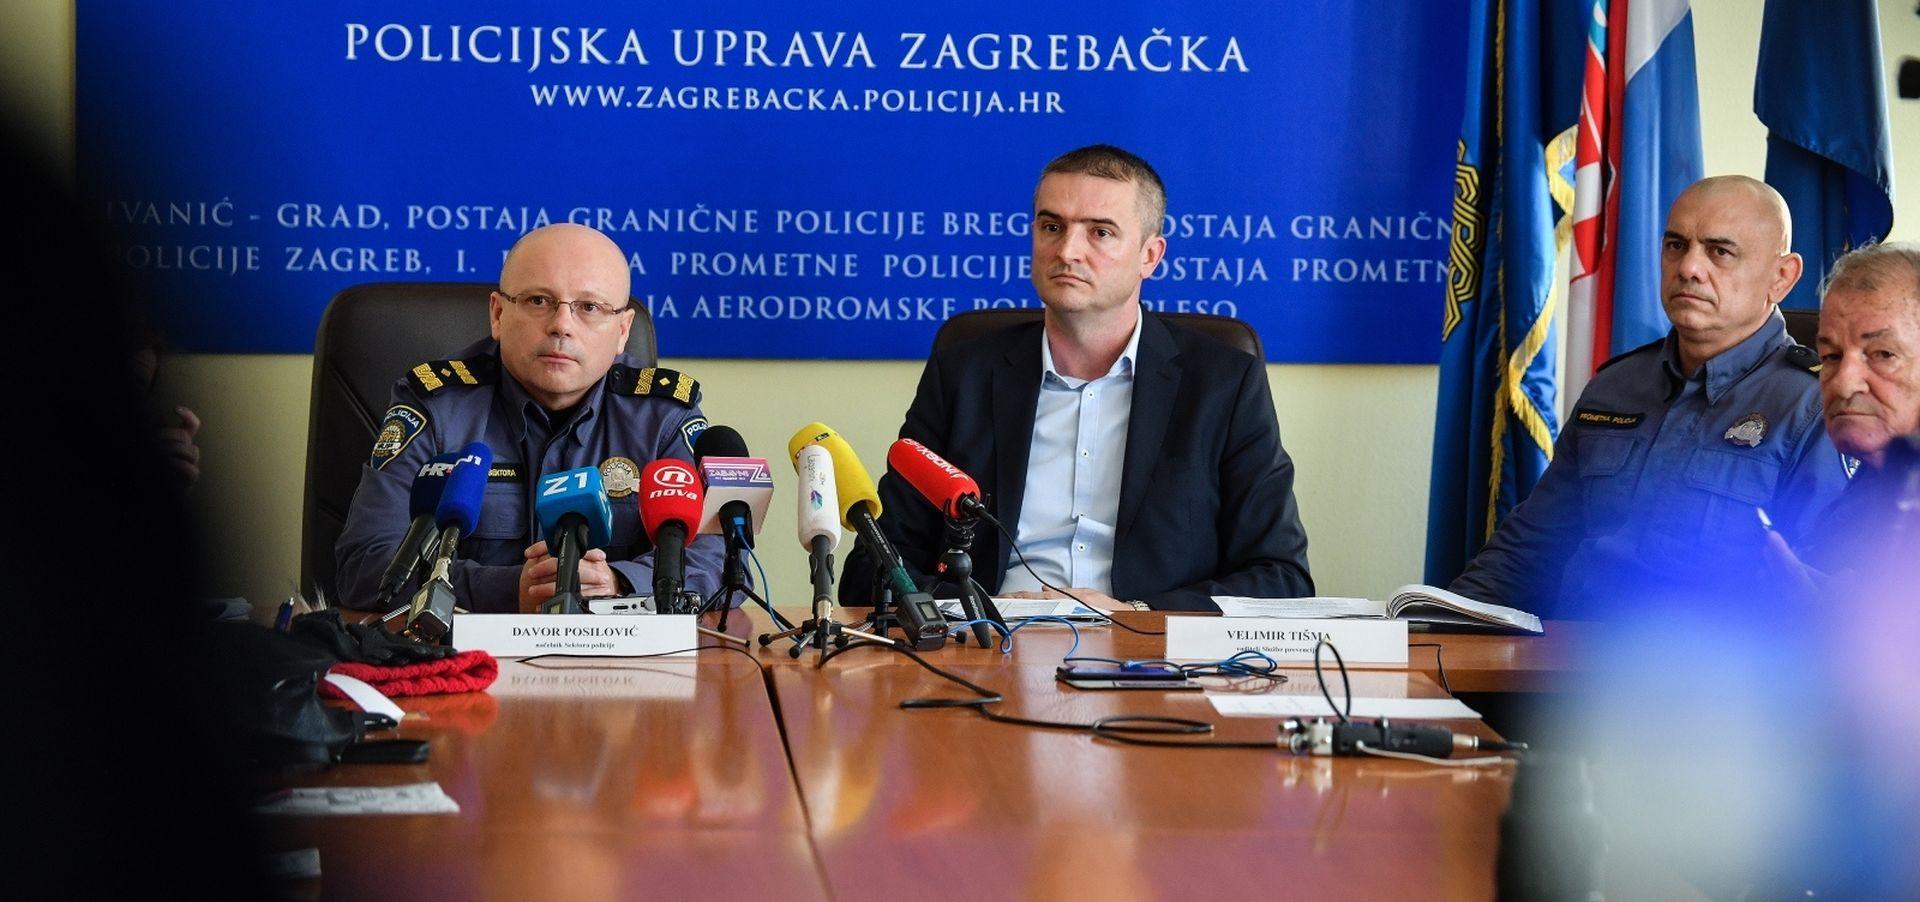 Zagreb za Advent dobiva posebnu regulaciju prometa